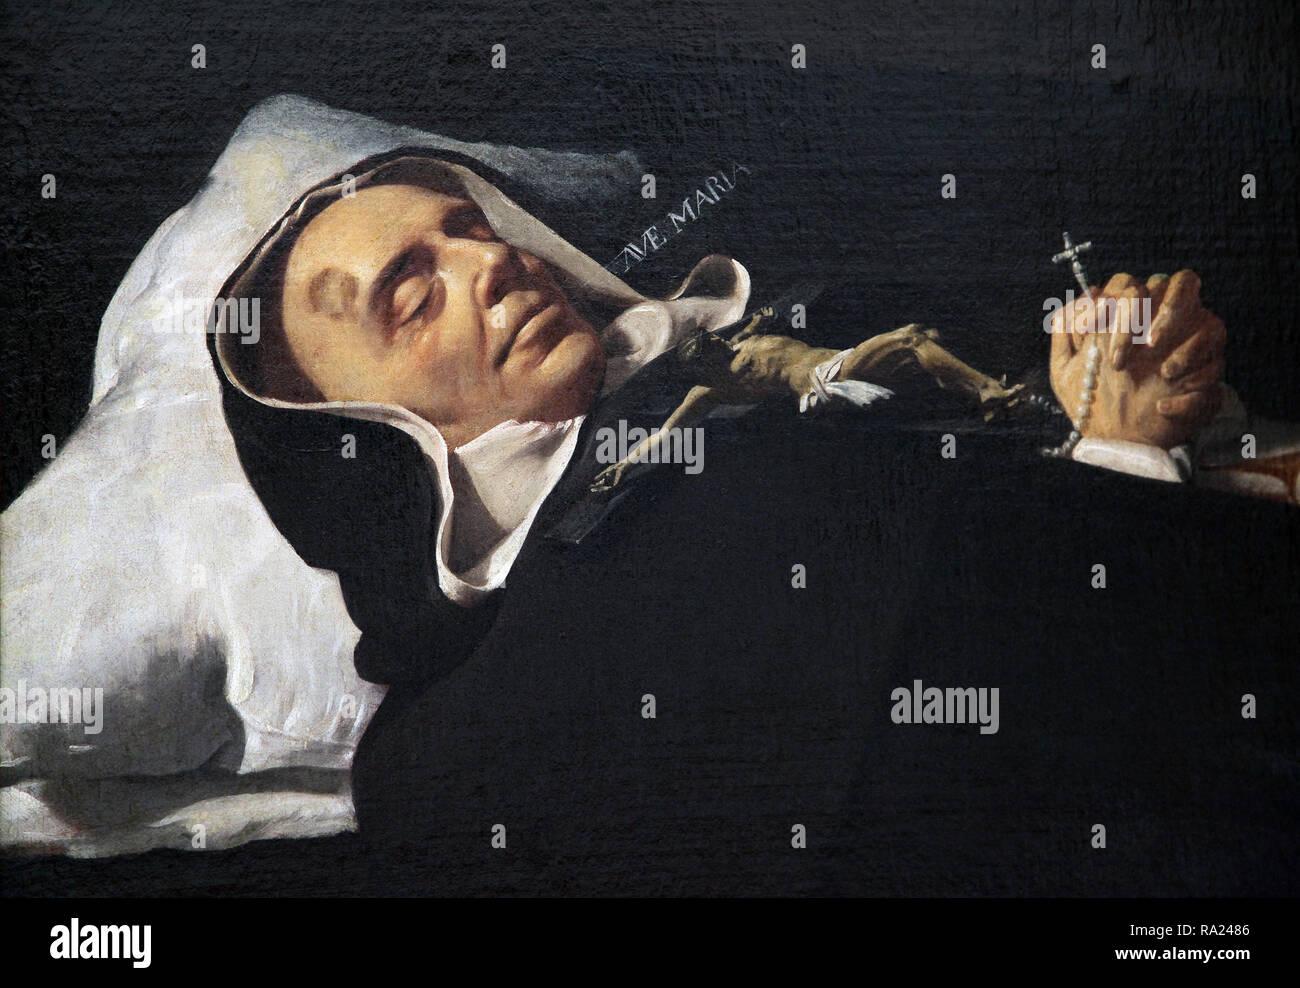 Saint Simón de Rojas 1552 – 1624.a painting by the artist Diego Velazquez 1599-1660 - Stock Image